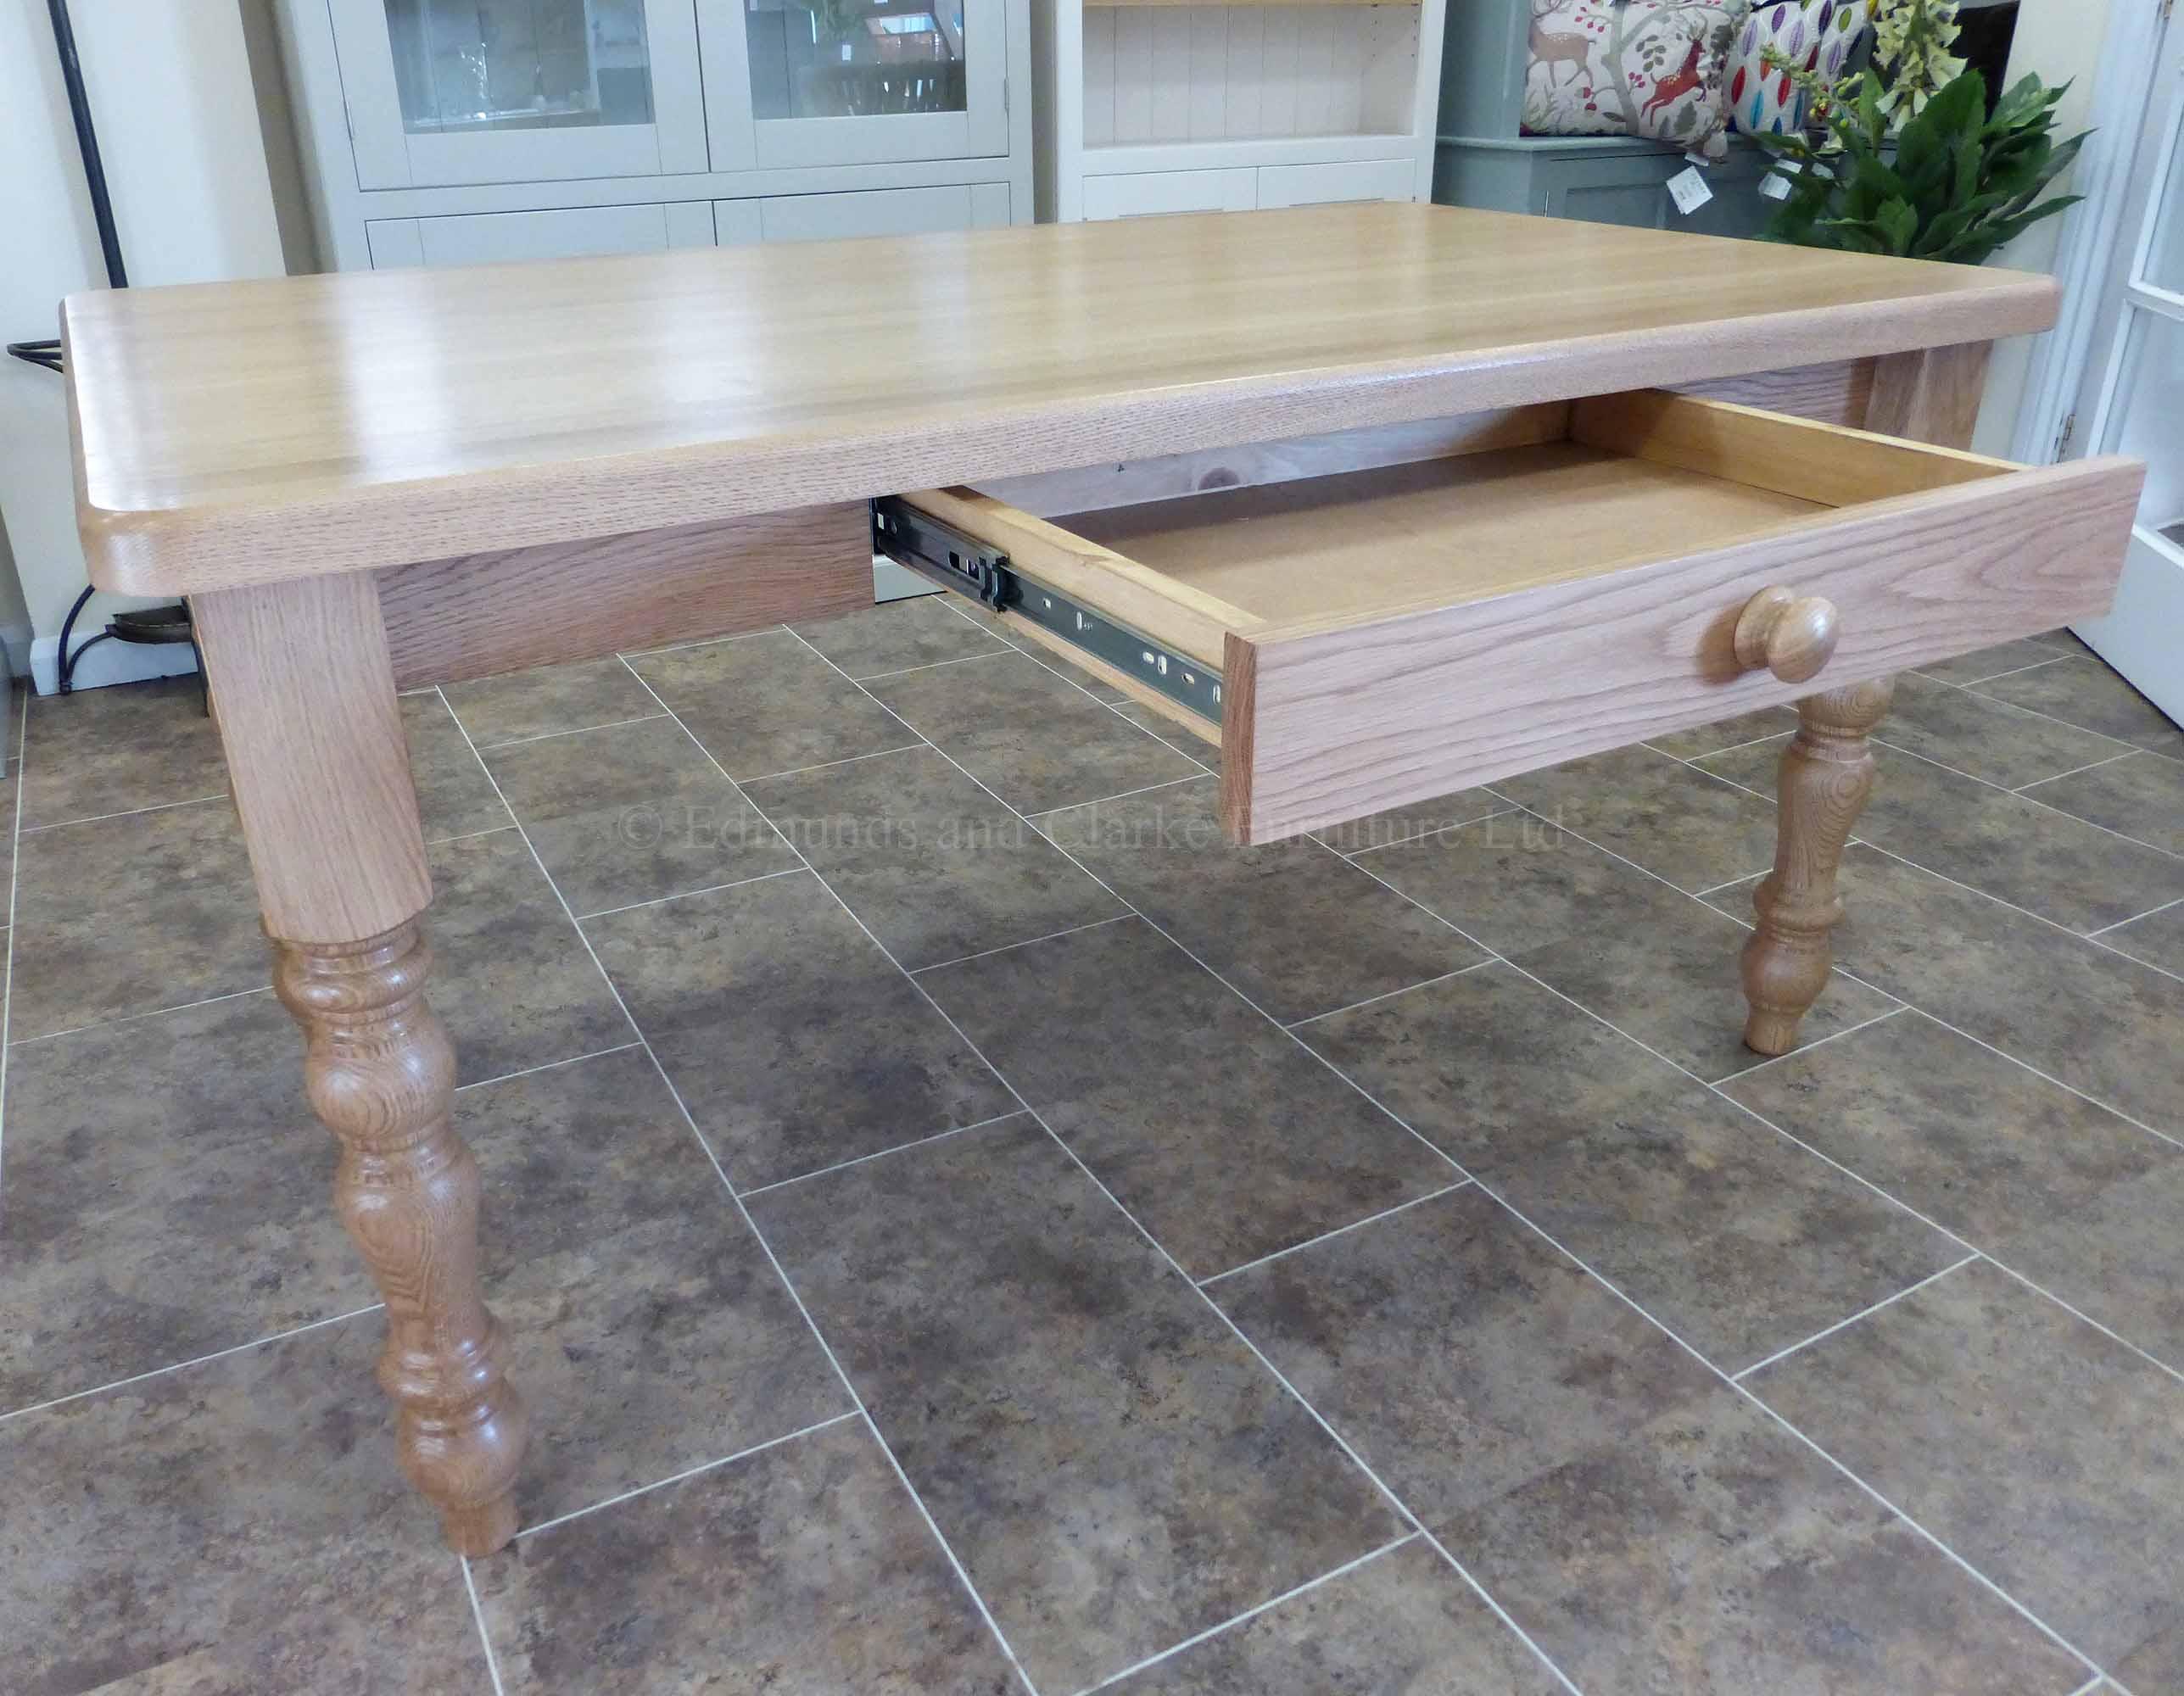 Edmunds solid oak 5' x 3' farmhouse table